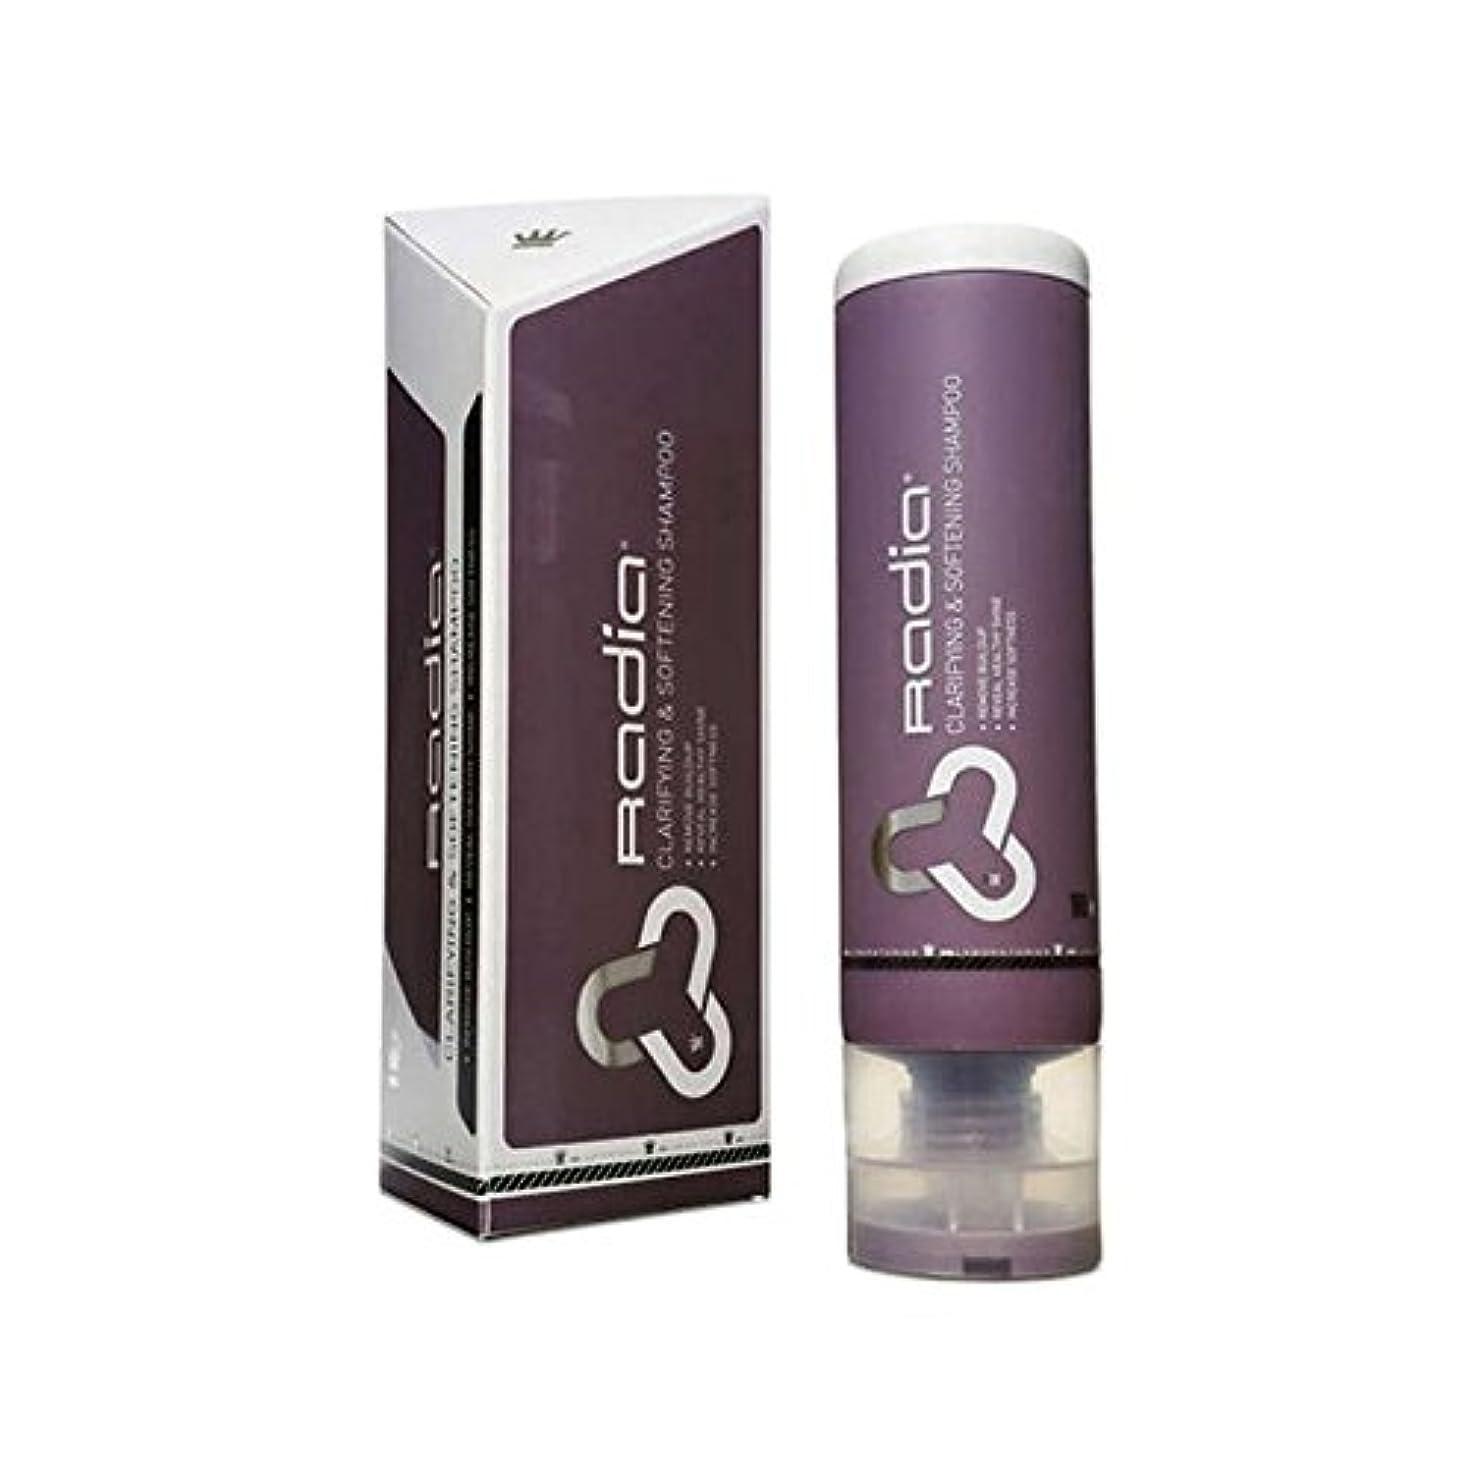 上に便利インポート研究所のシャンプー180ミリリットル x4 - Ds Laboratories Radia Shampoo 180ml (Pack of 4) [並行輸入品]